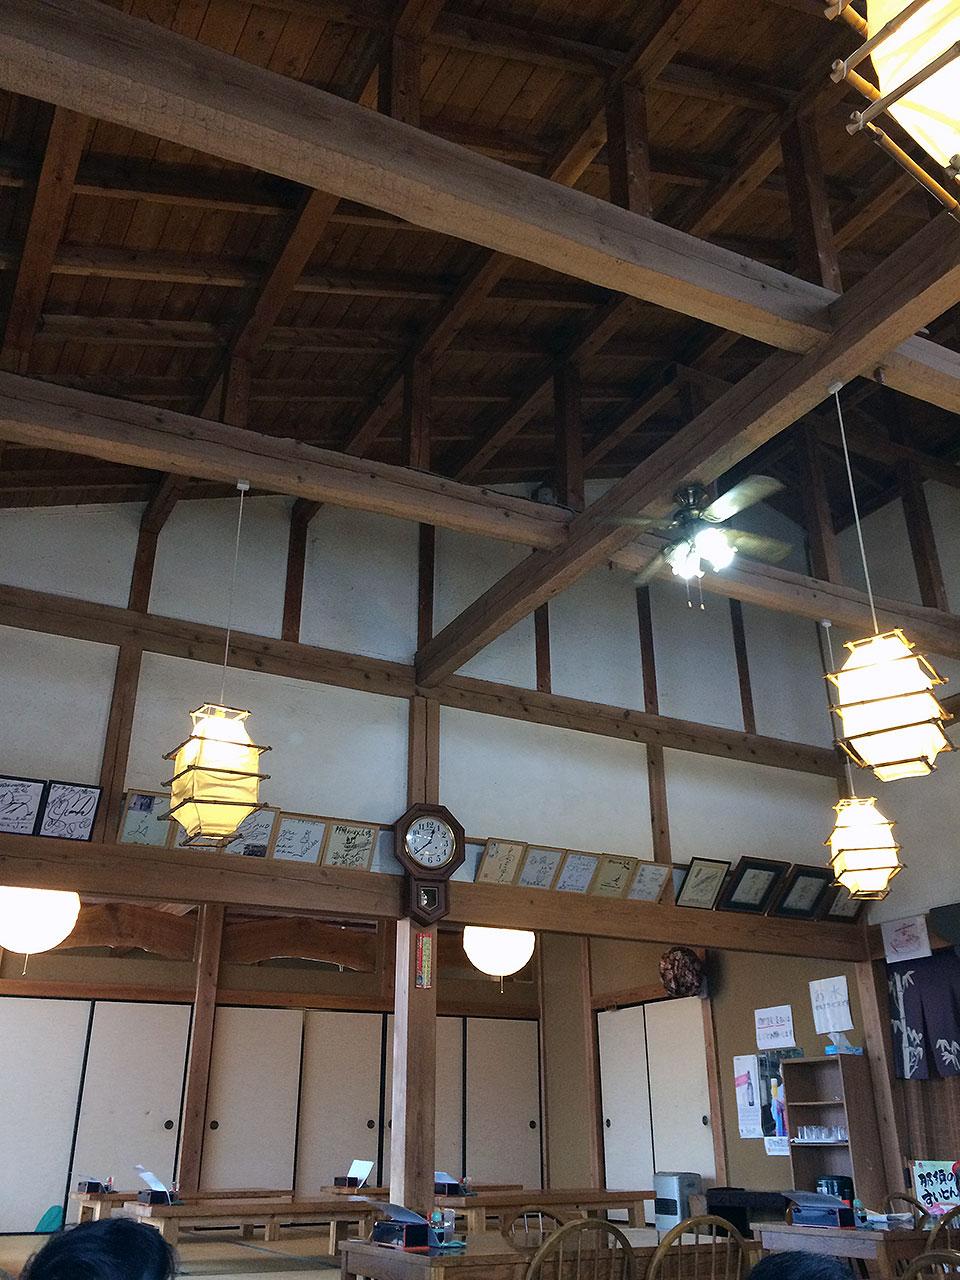 天井が高くて落ち着いた店内。こたつに入りながら昼食も食べられて満足。